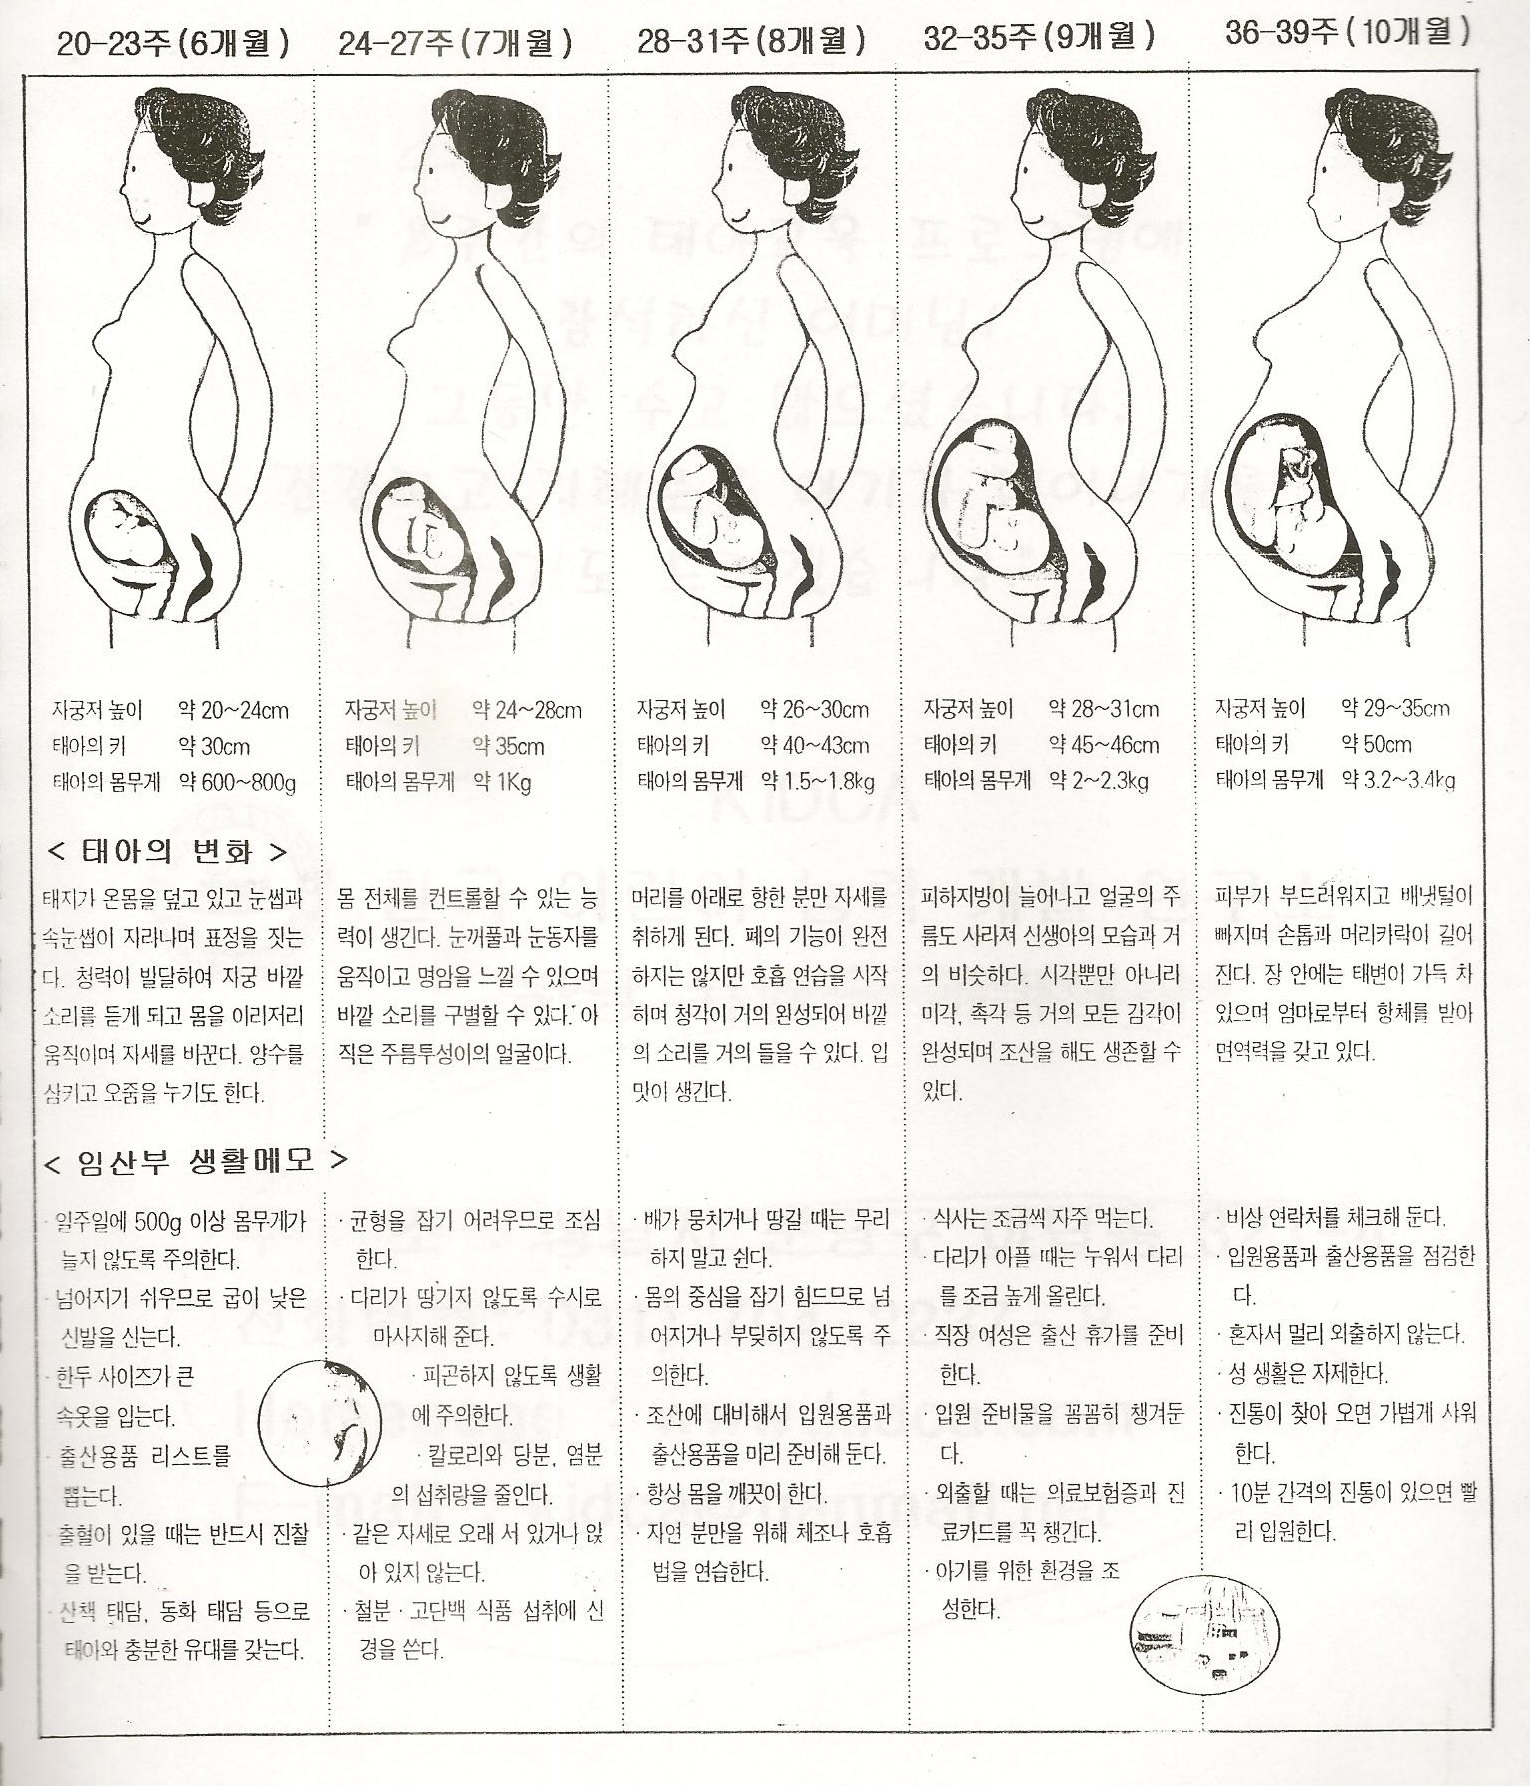 임신 40주 생활 스케줄표